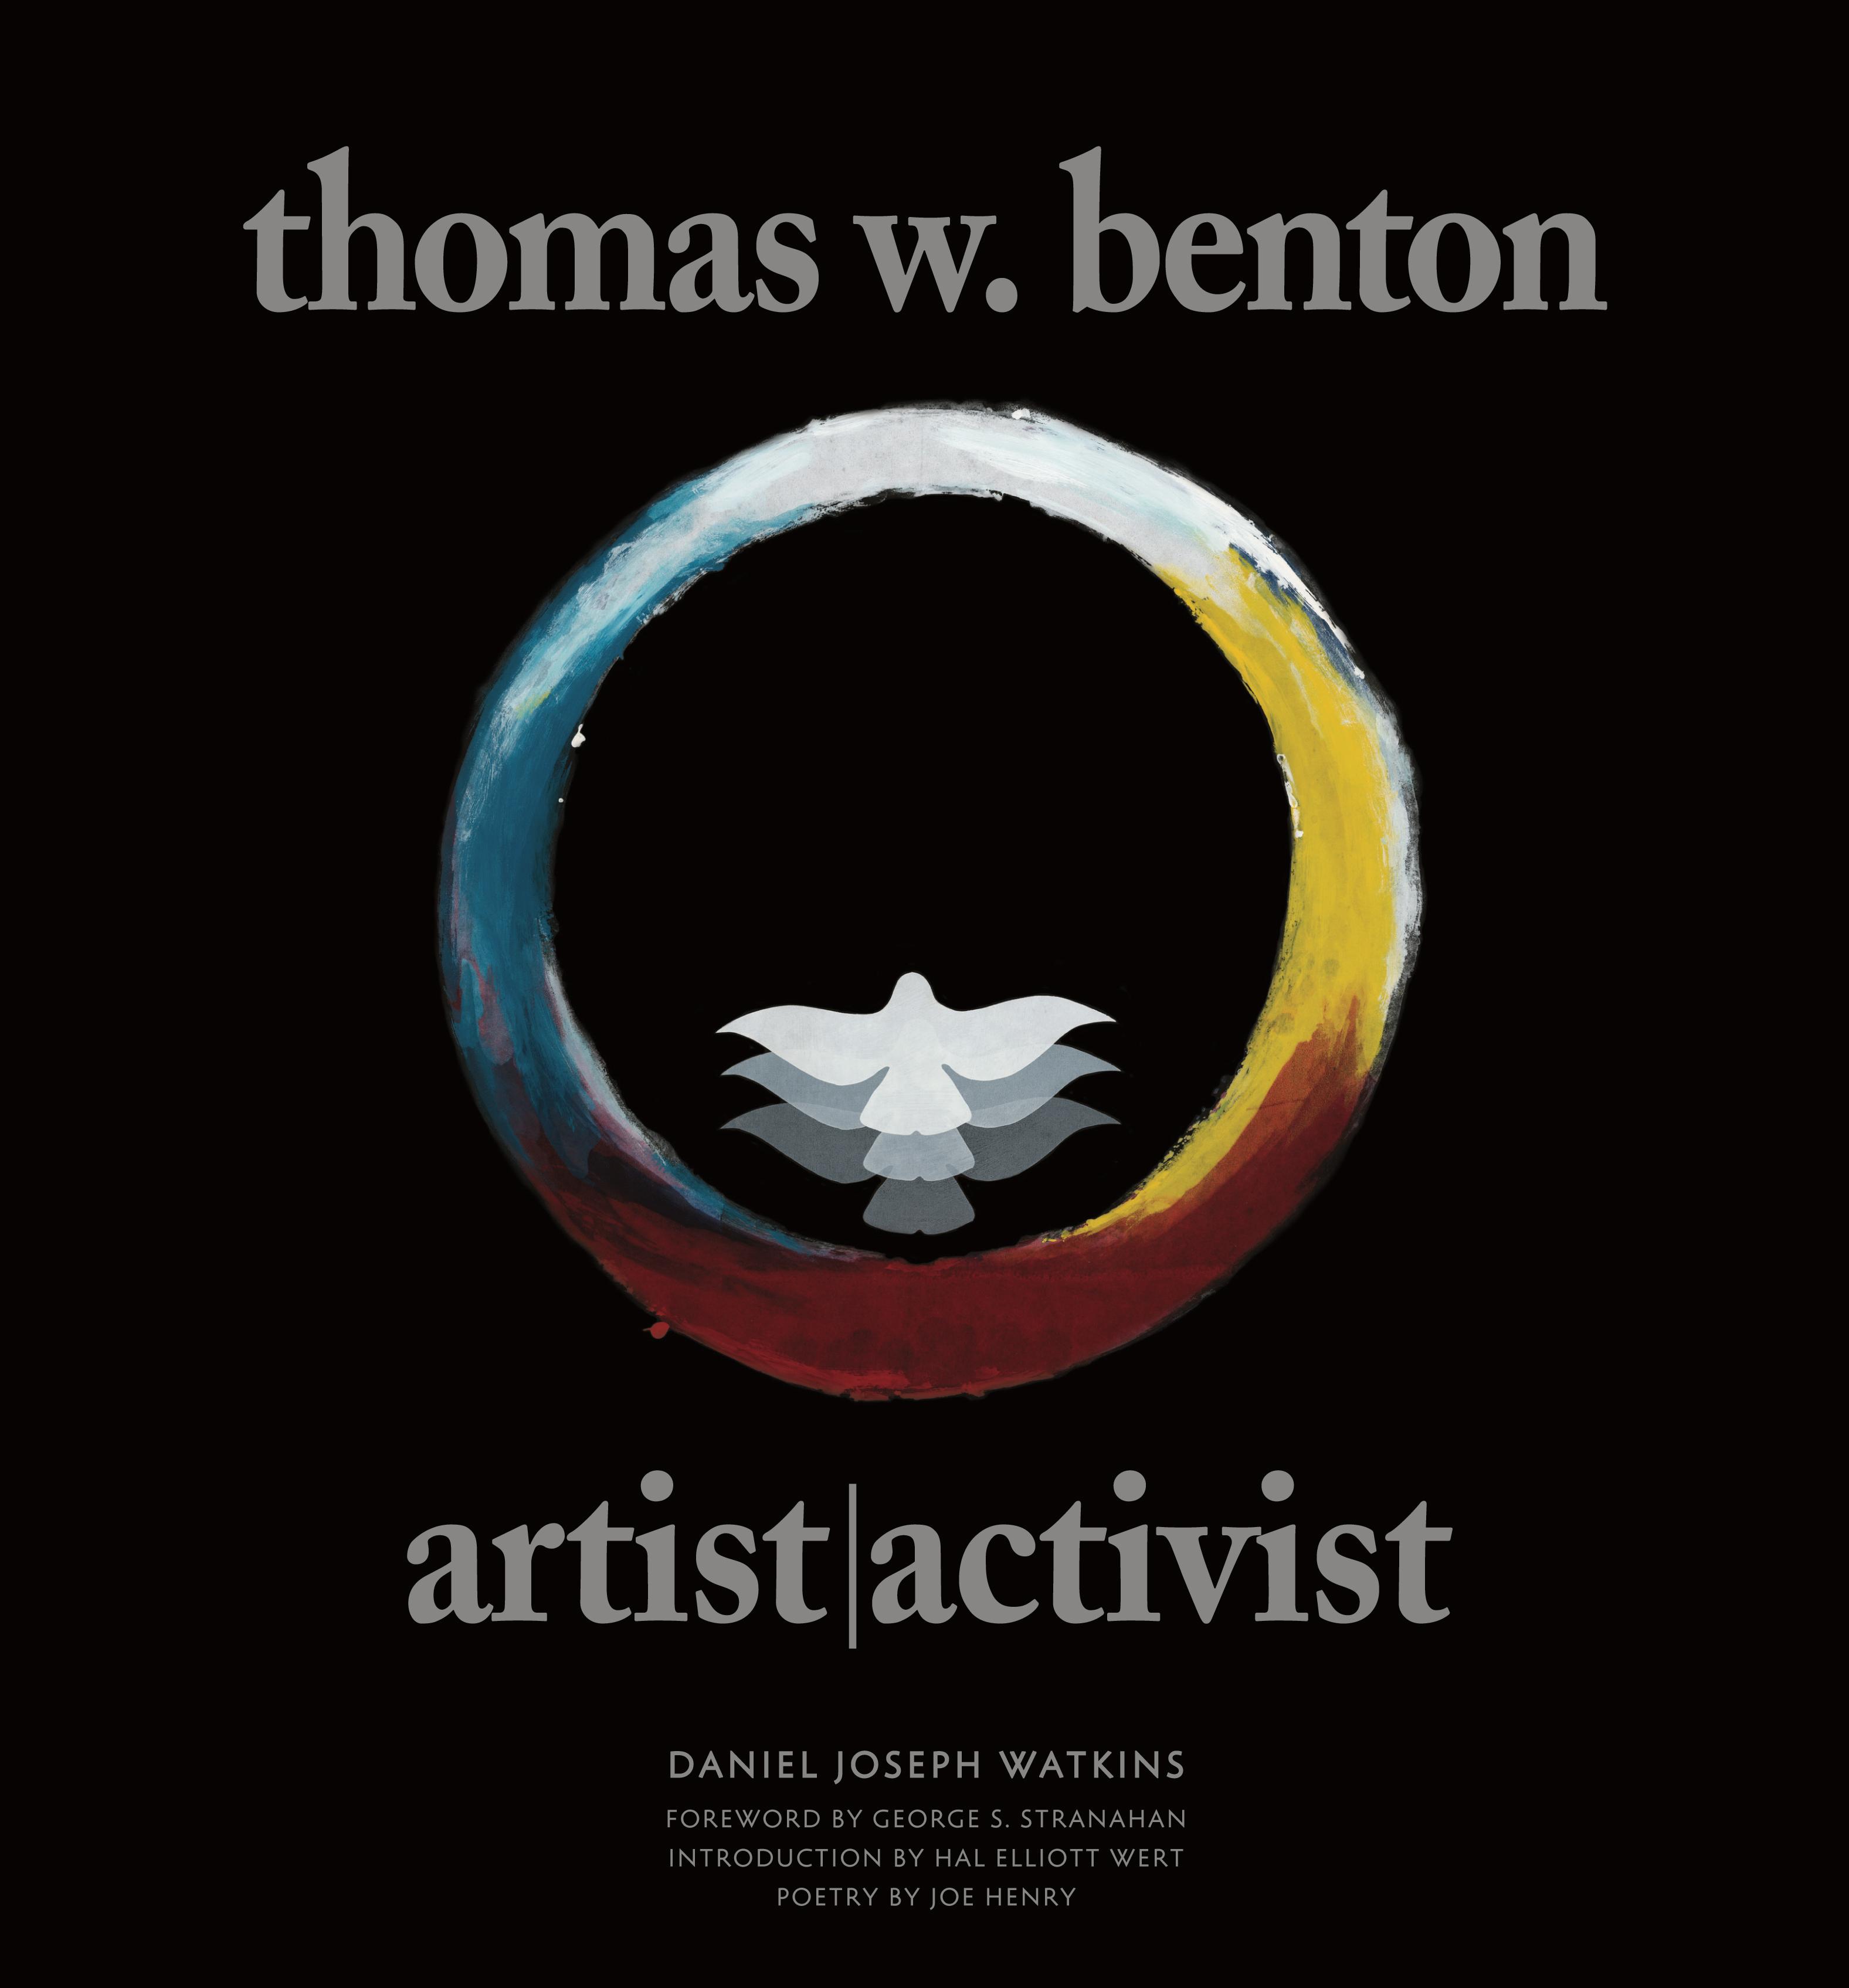 Thomas W. Benton